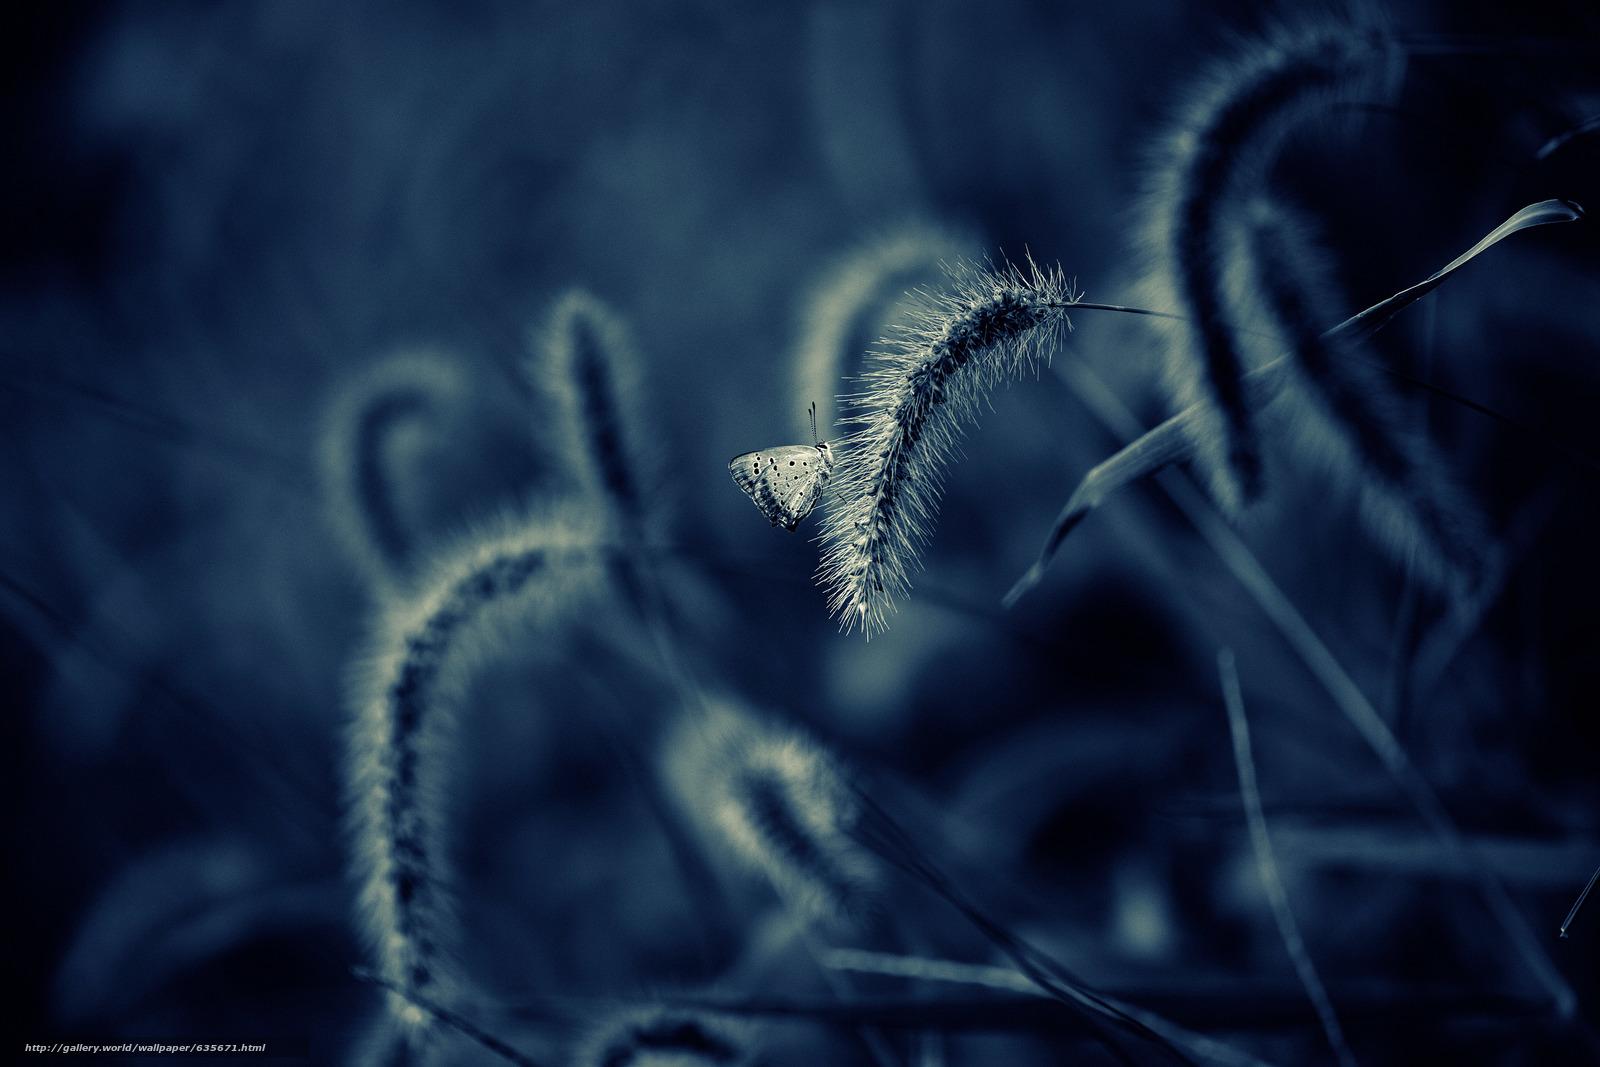 Tlcharger Fond d'ecran herbe,  papillon,  Macro Fonds d'ecran gratuits pour votre rsolution du bureau 5760x3840 — image №635671